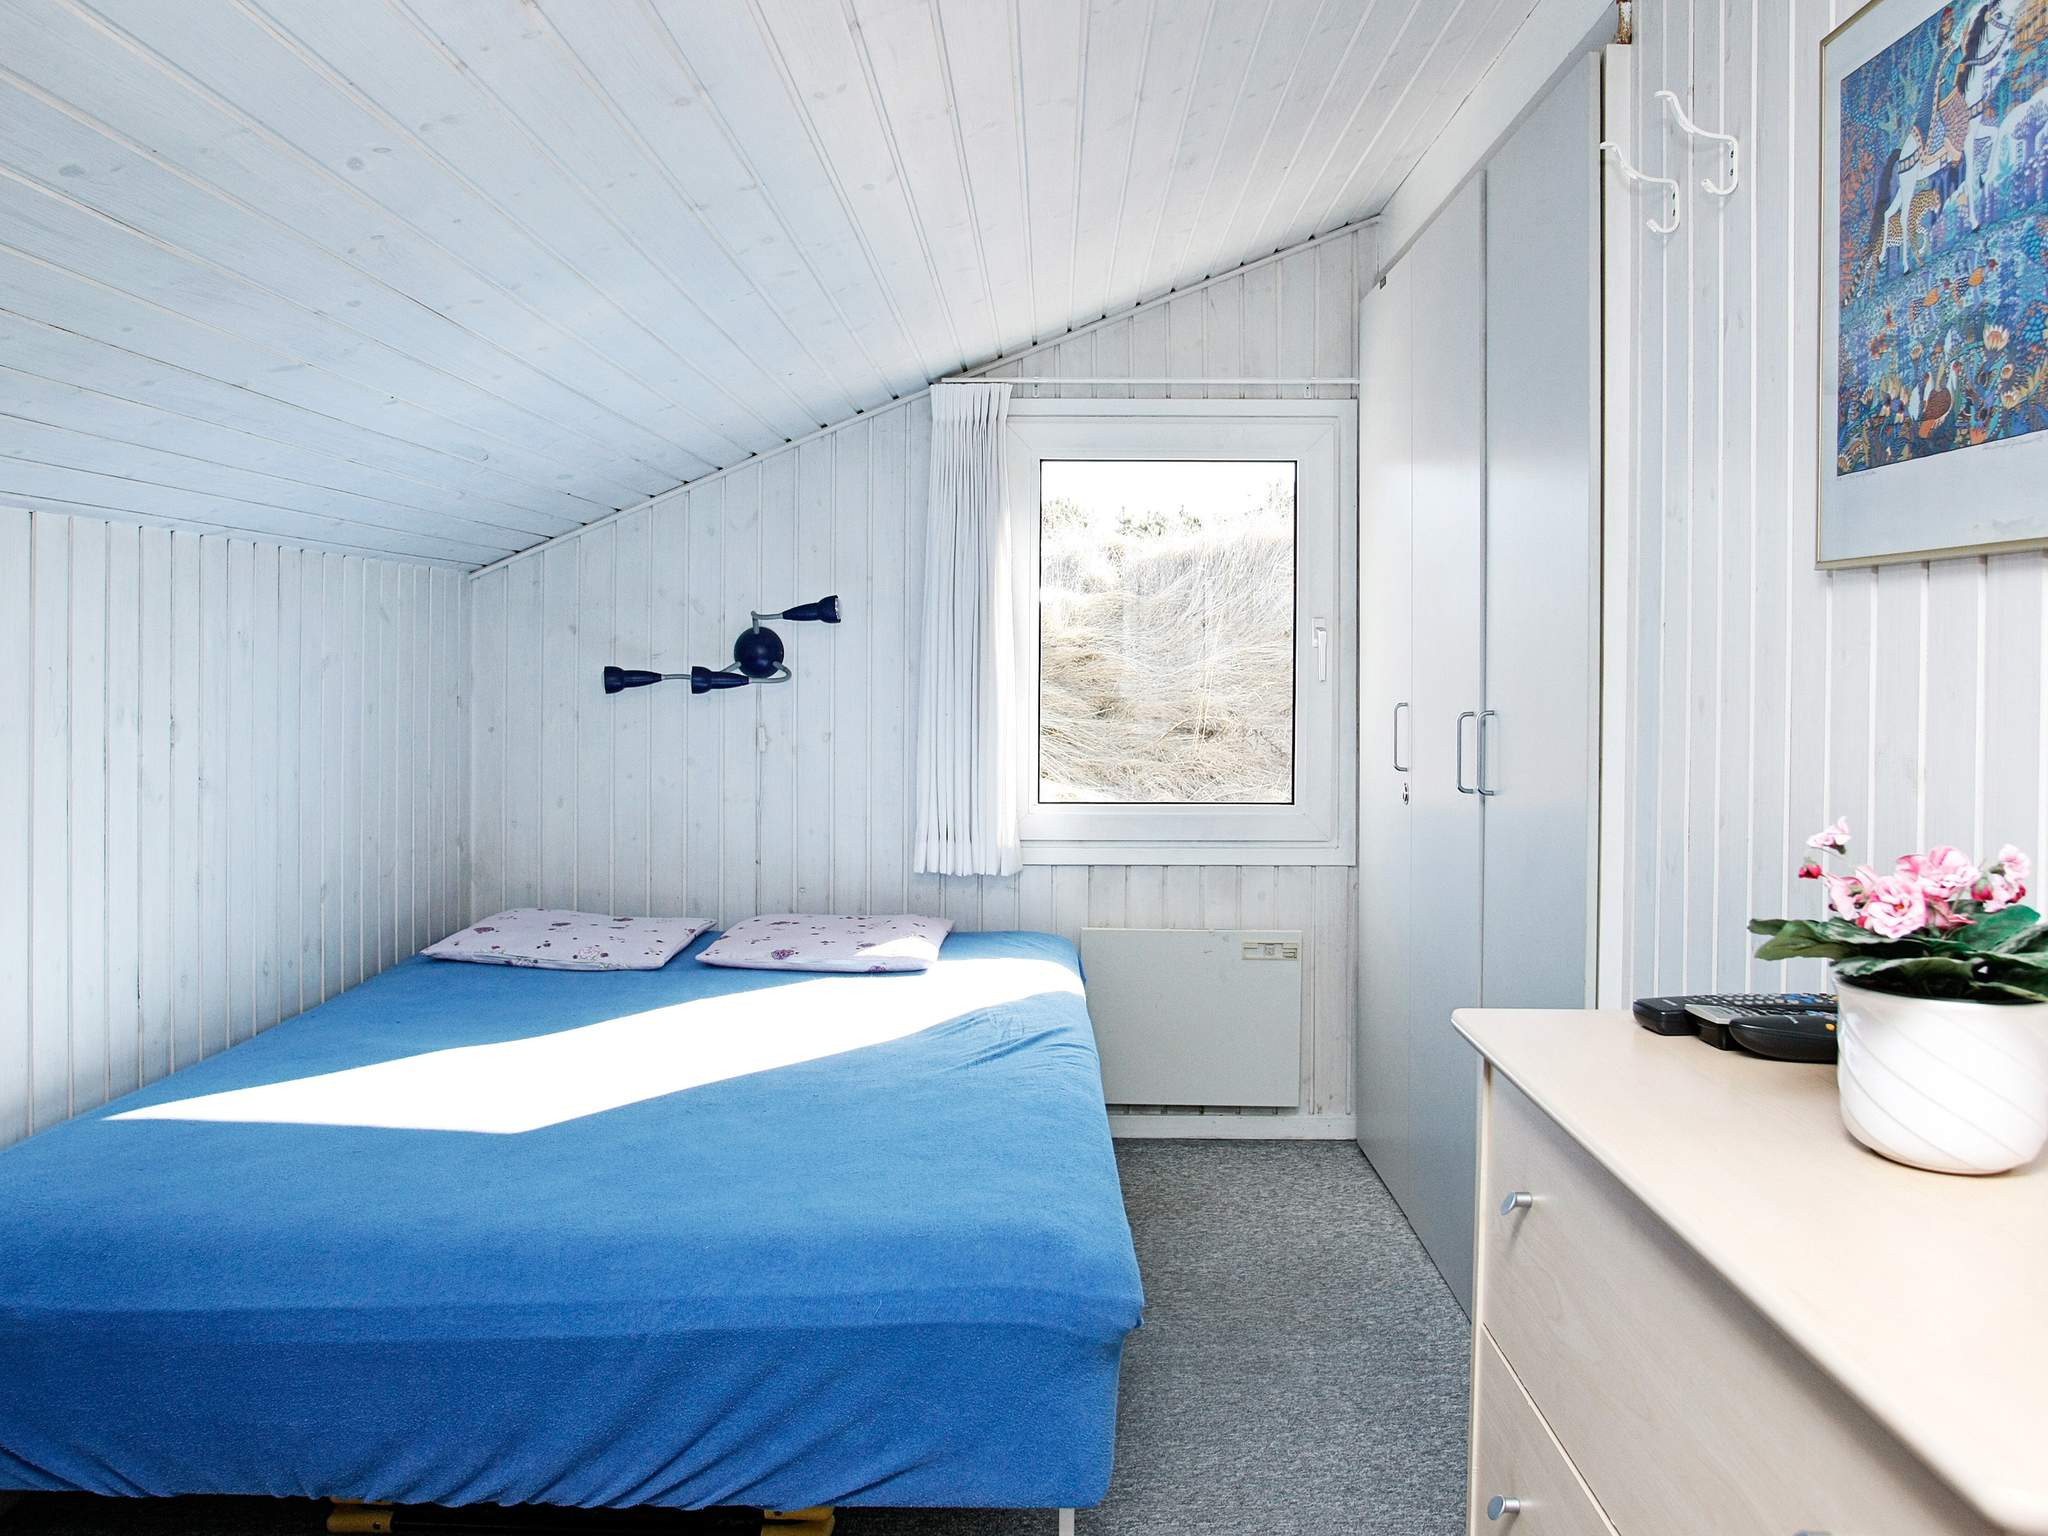 Ferienhaus Blokhus (83373), Blokhus, , Nordwestjütland, Dänemark, Bild 8